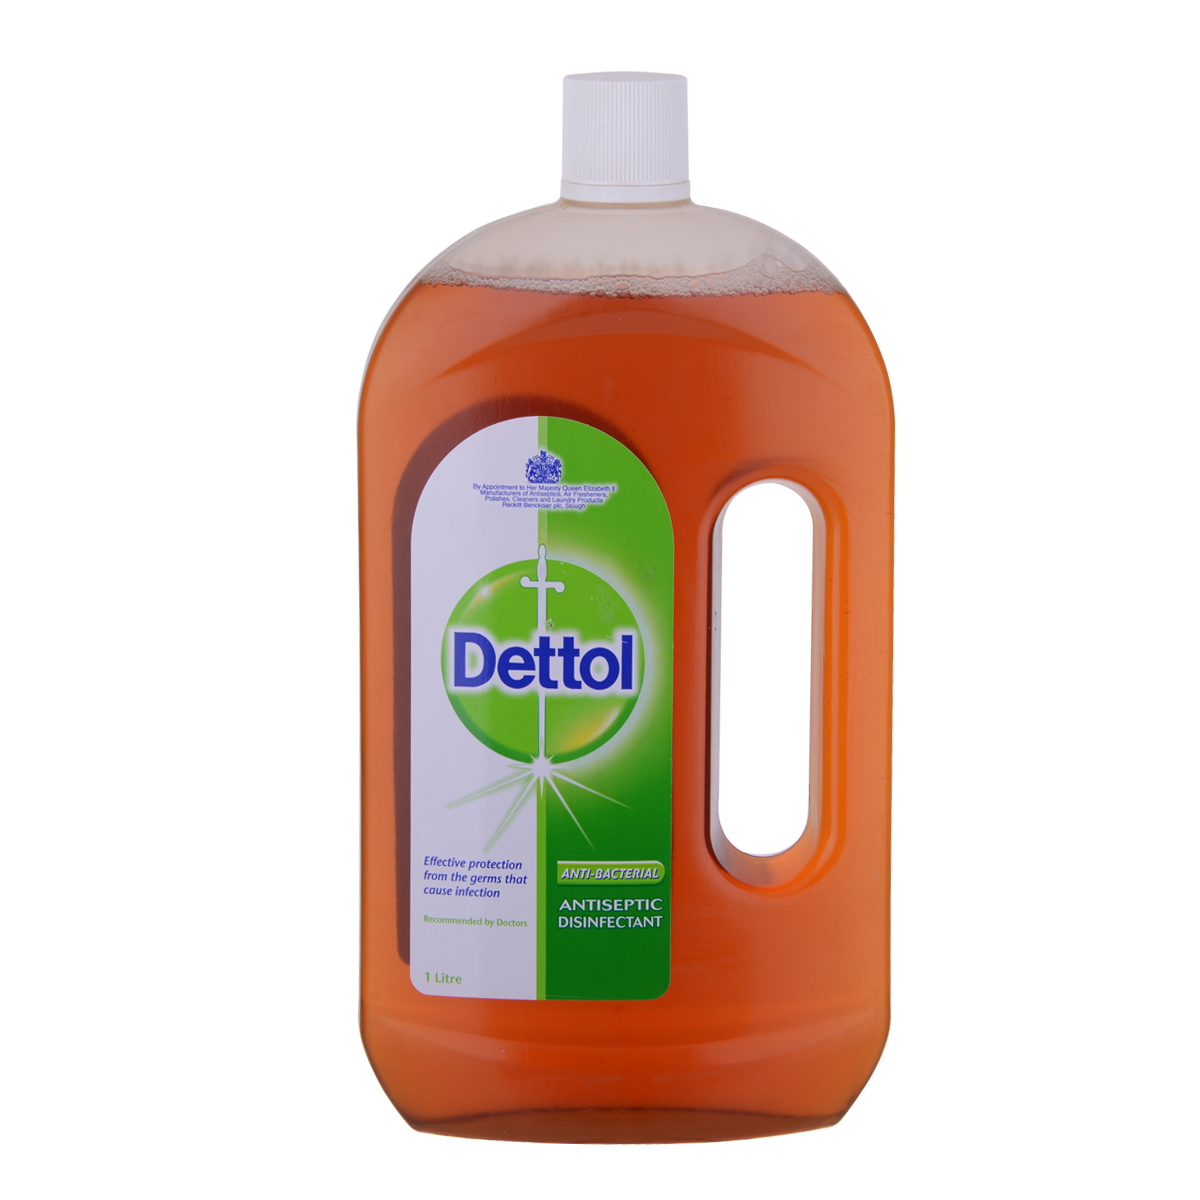 ديتول مطهر سائل مضاد للبكتريا لجميع الأغراض 1لتر